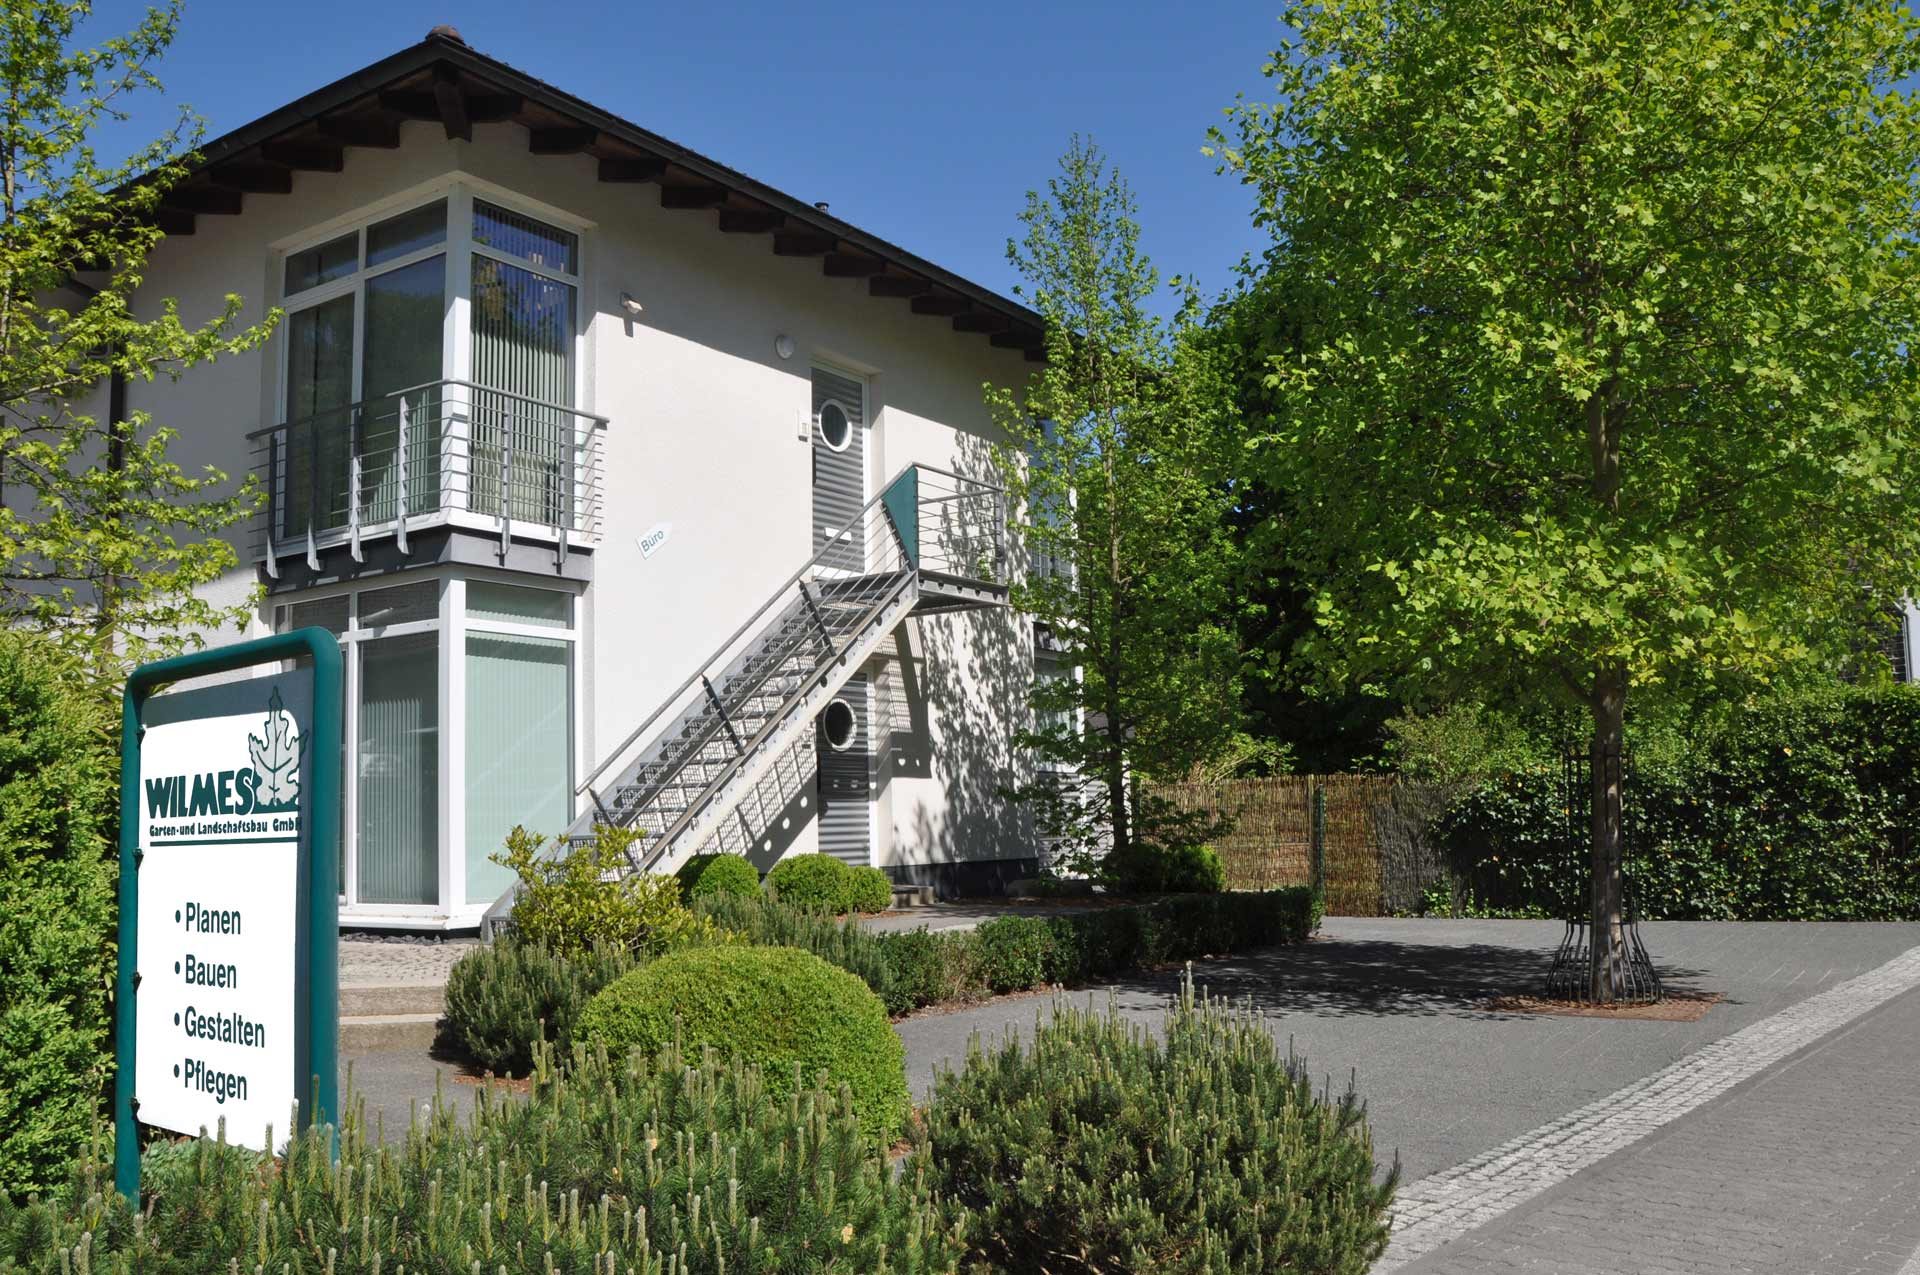 Schon 1947 wurde der Garten- und Landschaftsbau von Heinrich Wilmes in Werdohl gegründet. Unser Leistungsspektrum umfasst die Planung, Ausführung bis hin zur Pflege Ihrer kompletten Anlage.